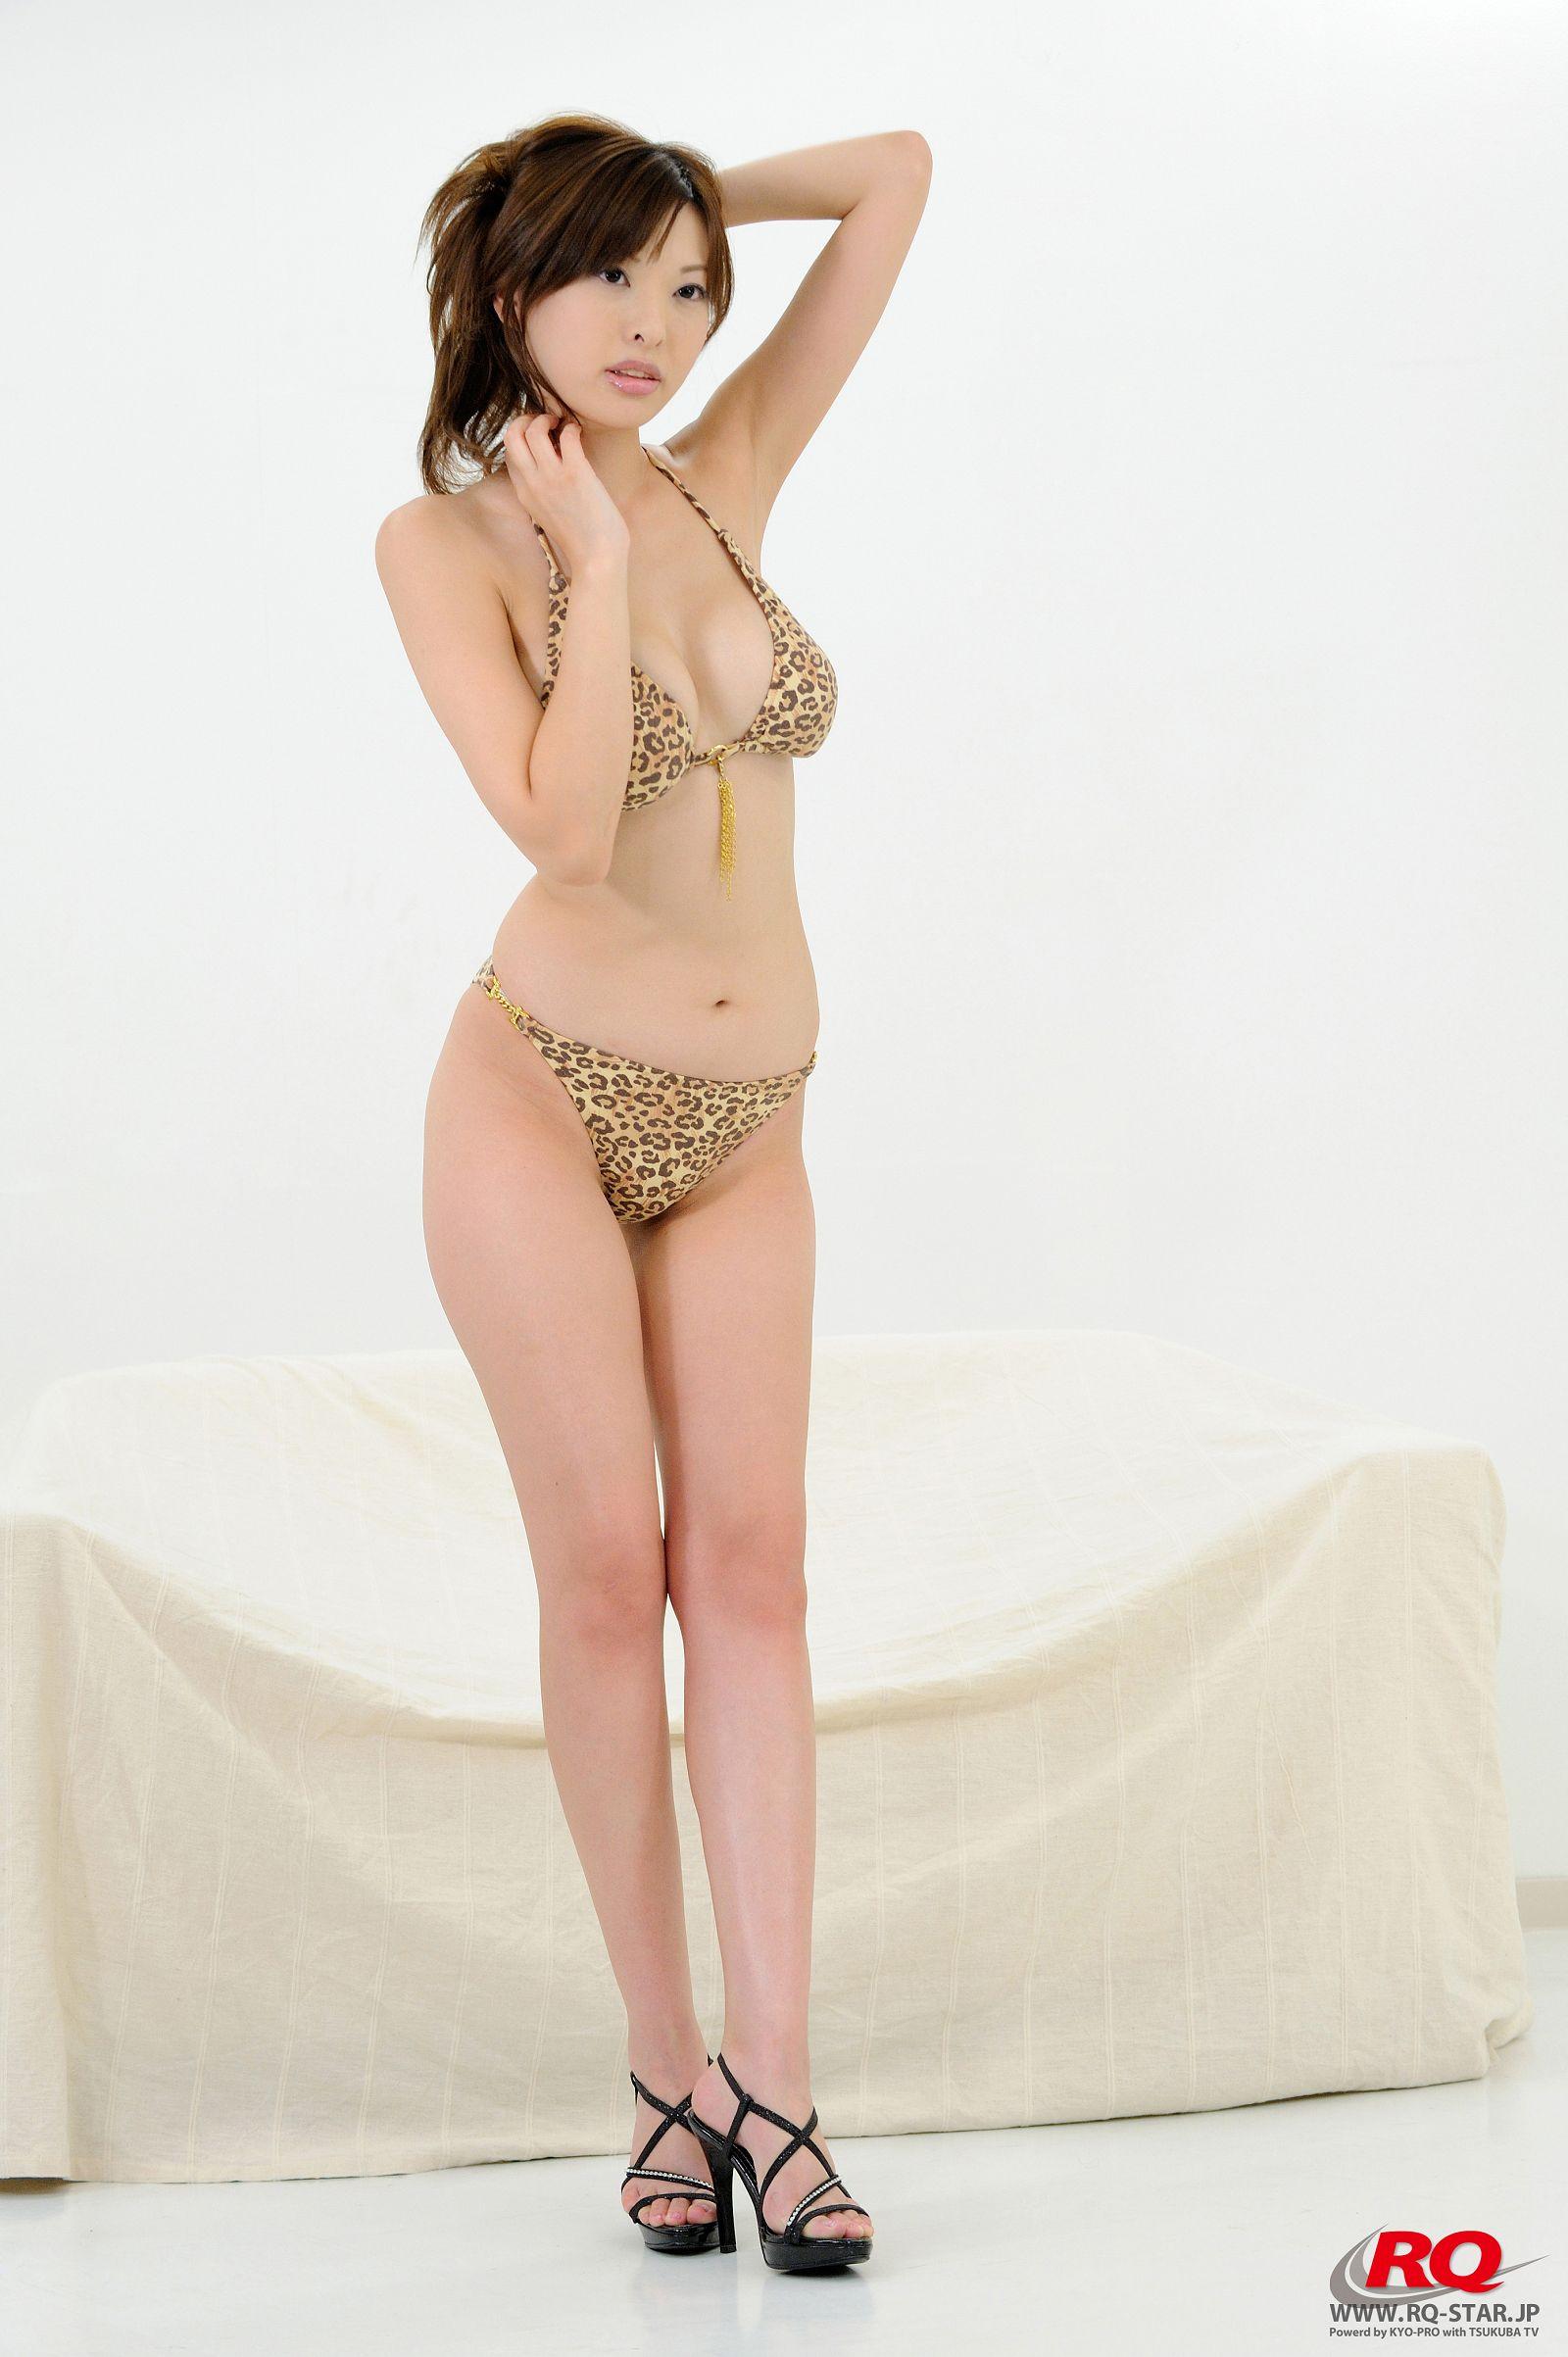 [RQ STAR美女] NO.0011 Mayumi Morishita 森下まゆみ [Swim Suits Leopard Grain #2][70P] RQ STAR 第2张